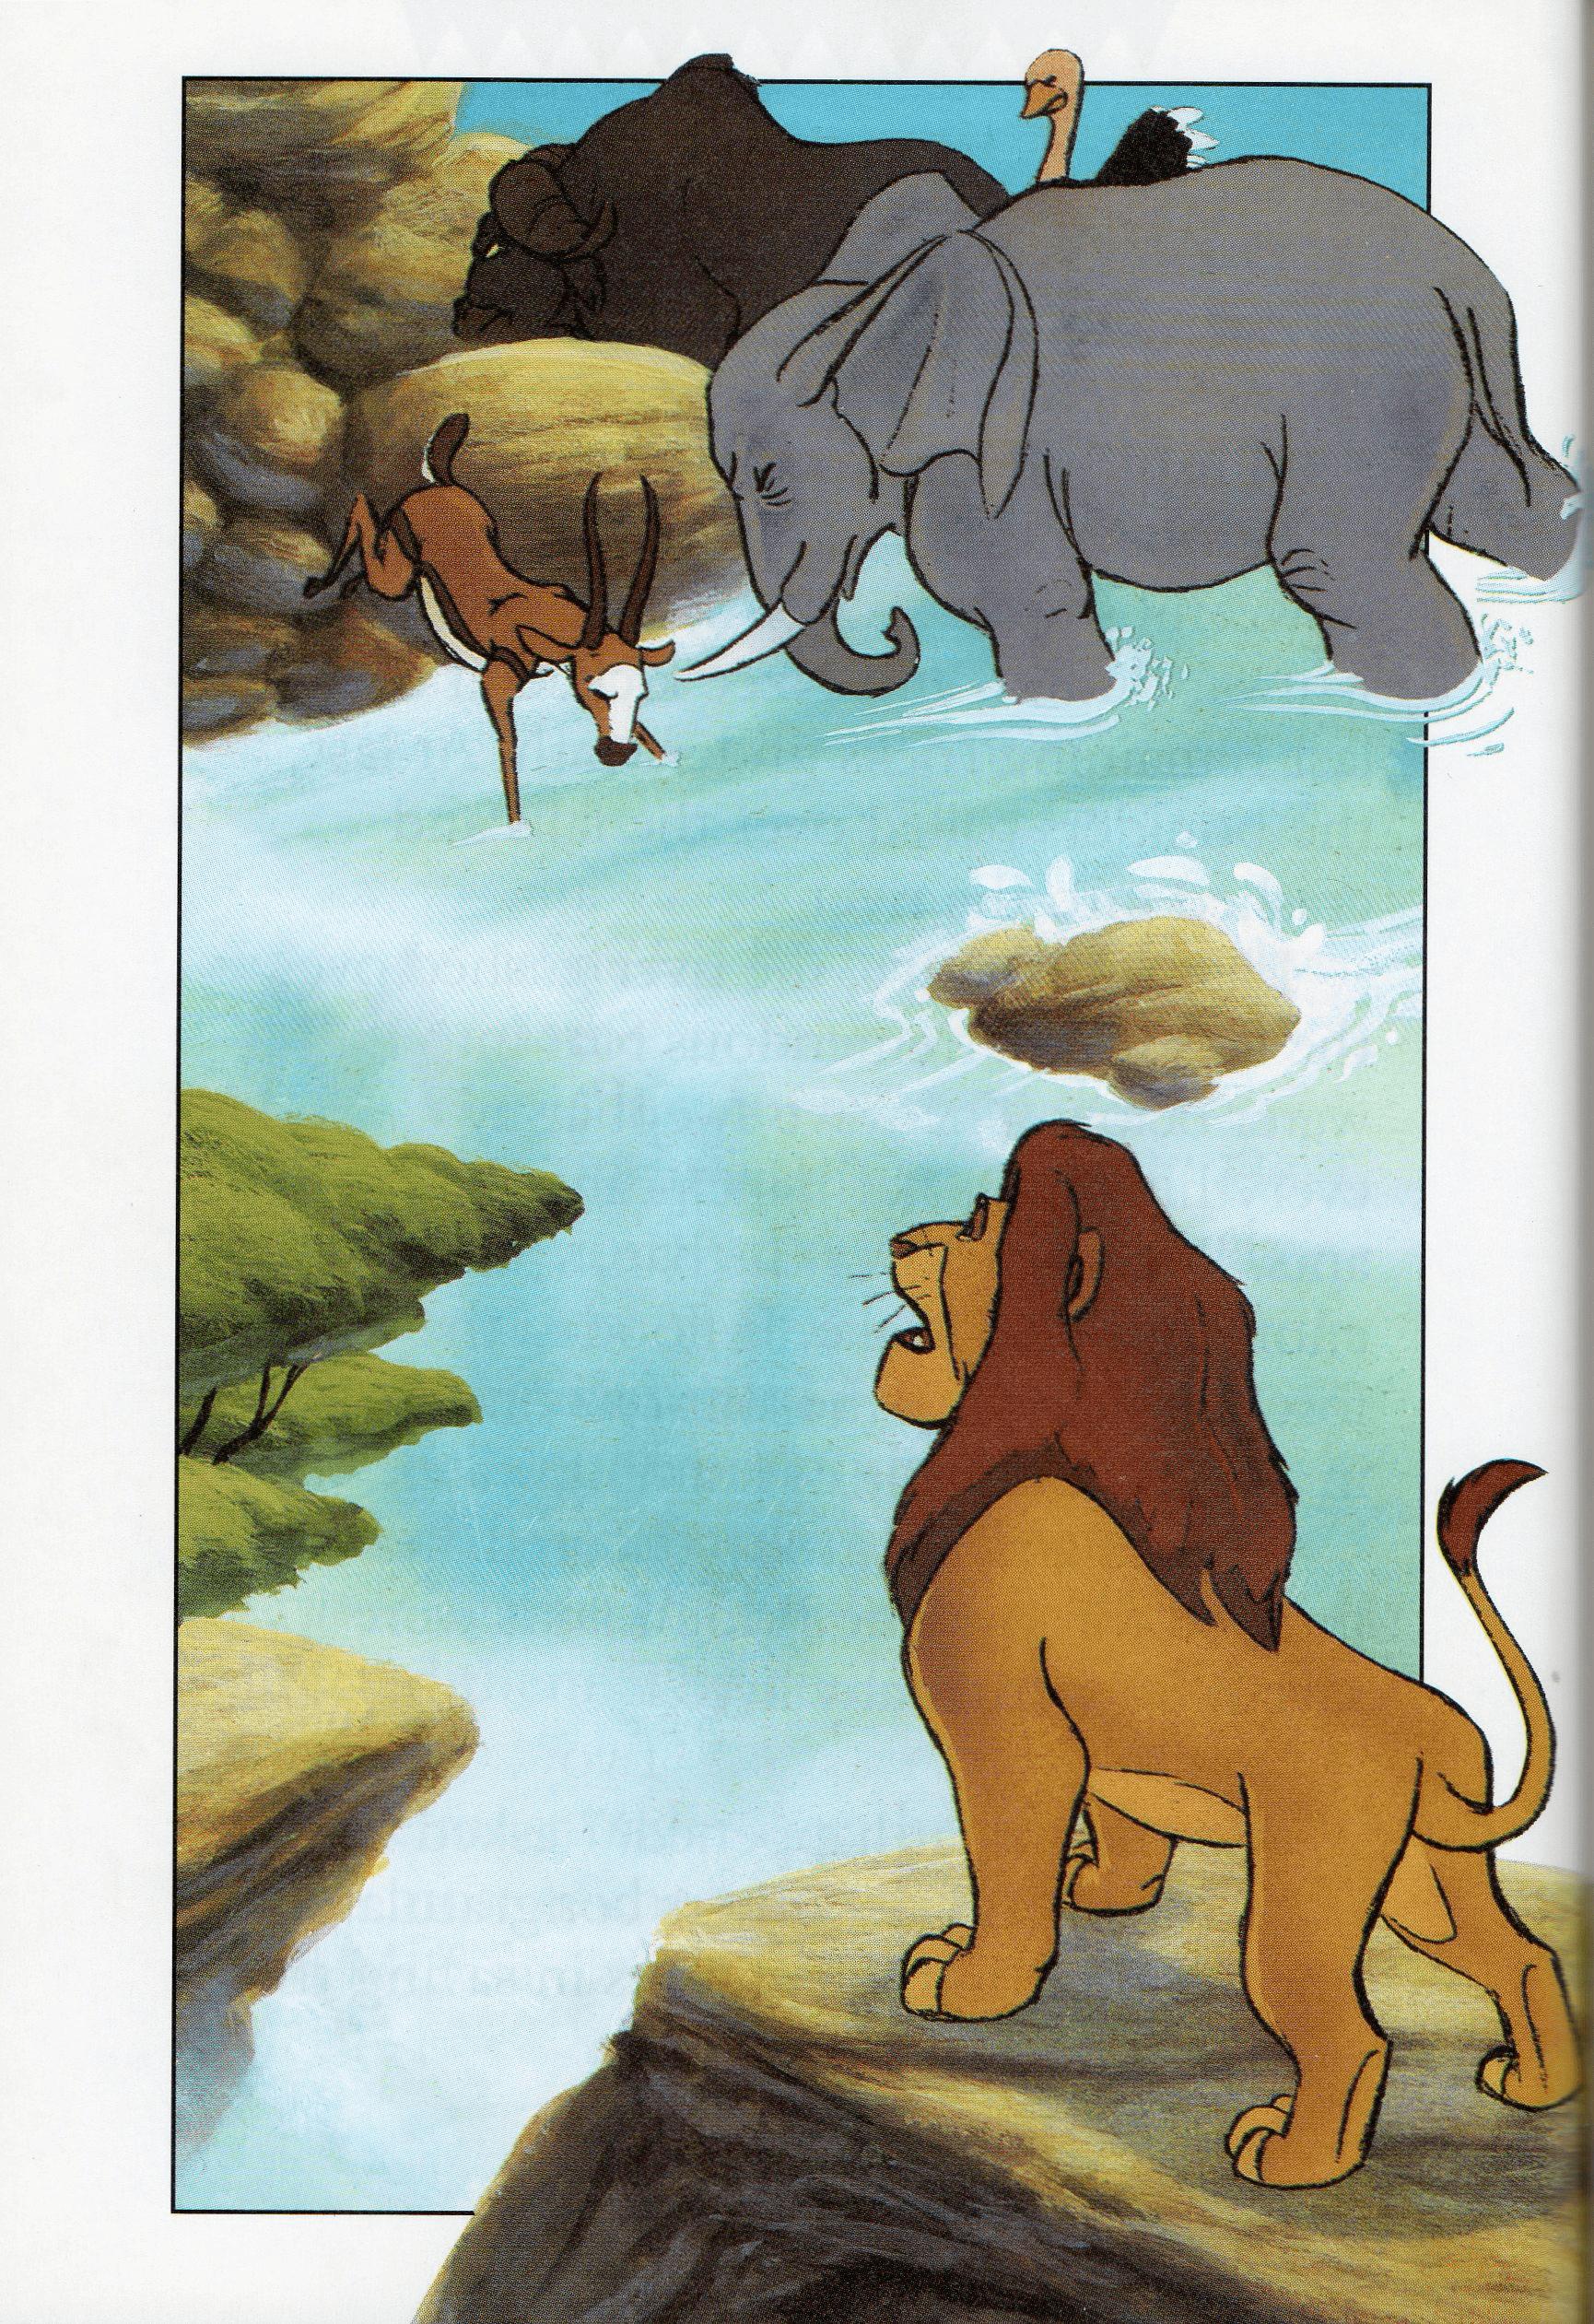 How True Zazu The Lion King Wiki Fandom